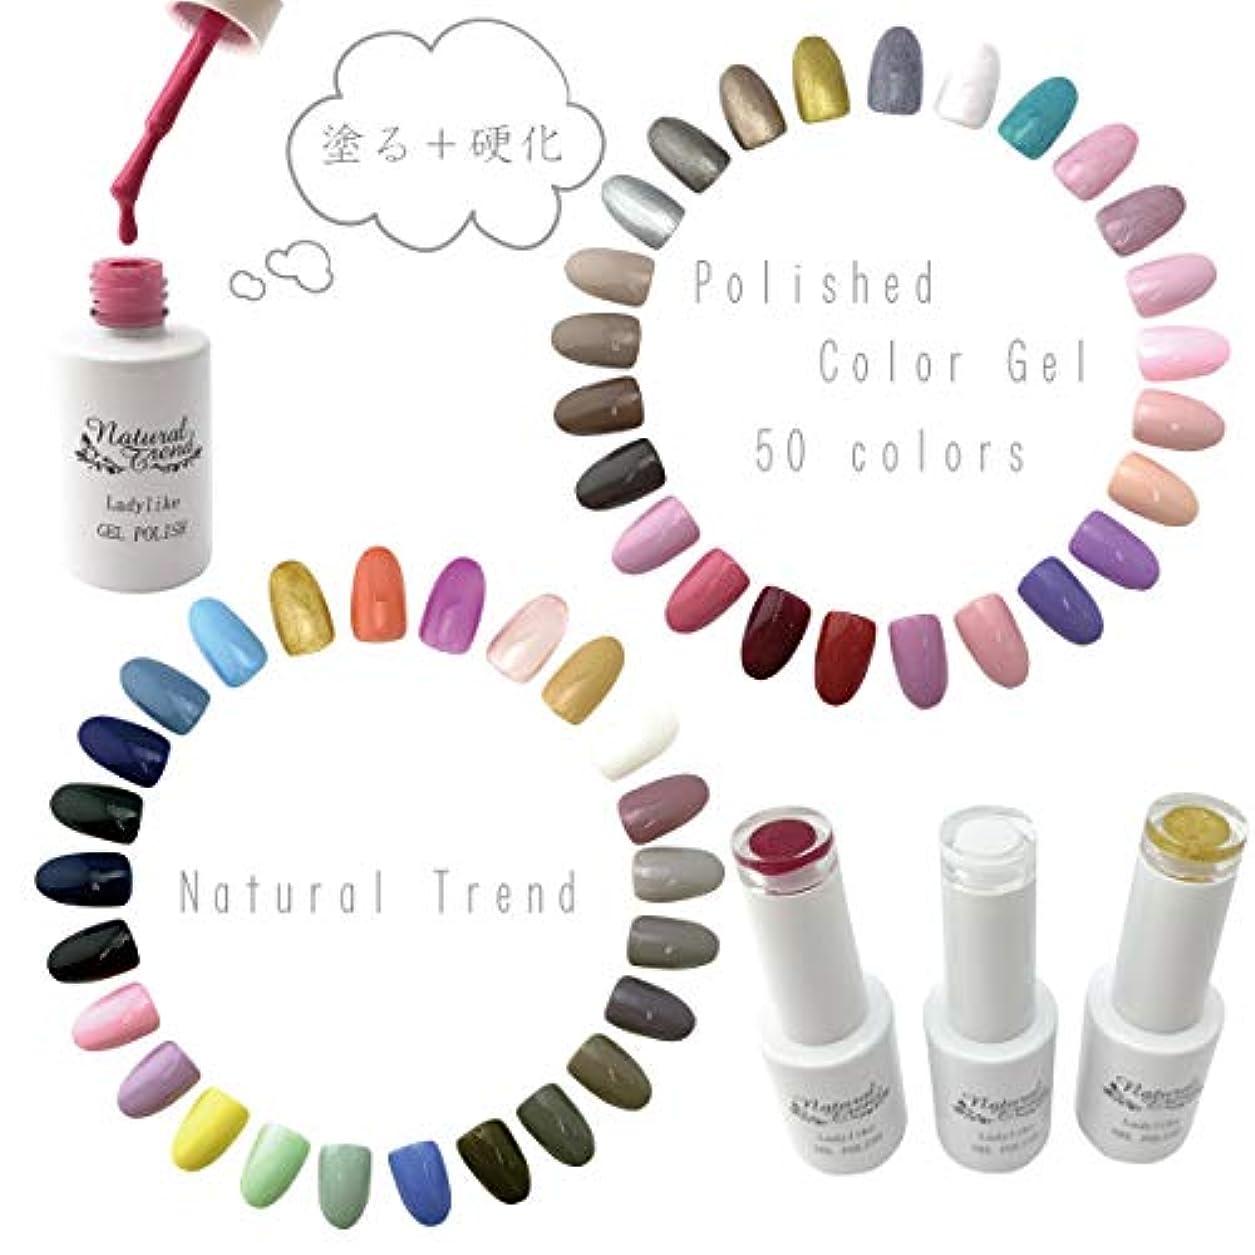 NaturalTrend ジェルネイル カラー 50色 8ml UV?LED ポリッシュタイプ カラージェル (02, nudepink)